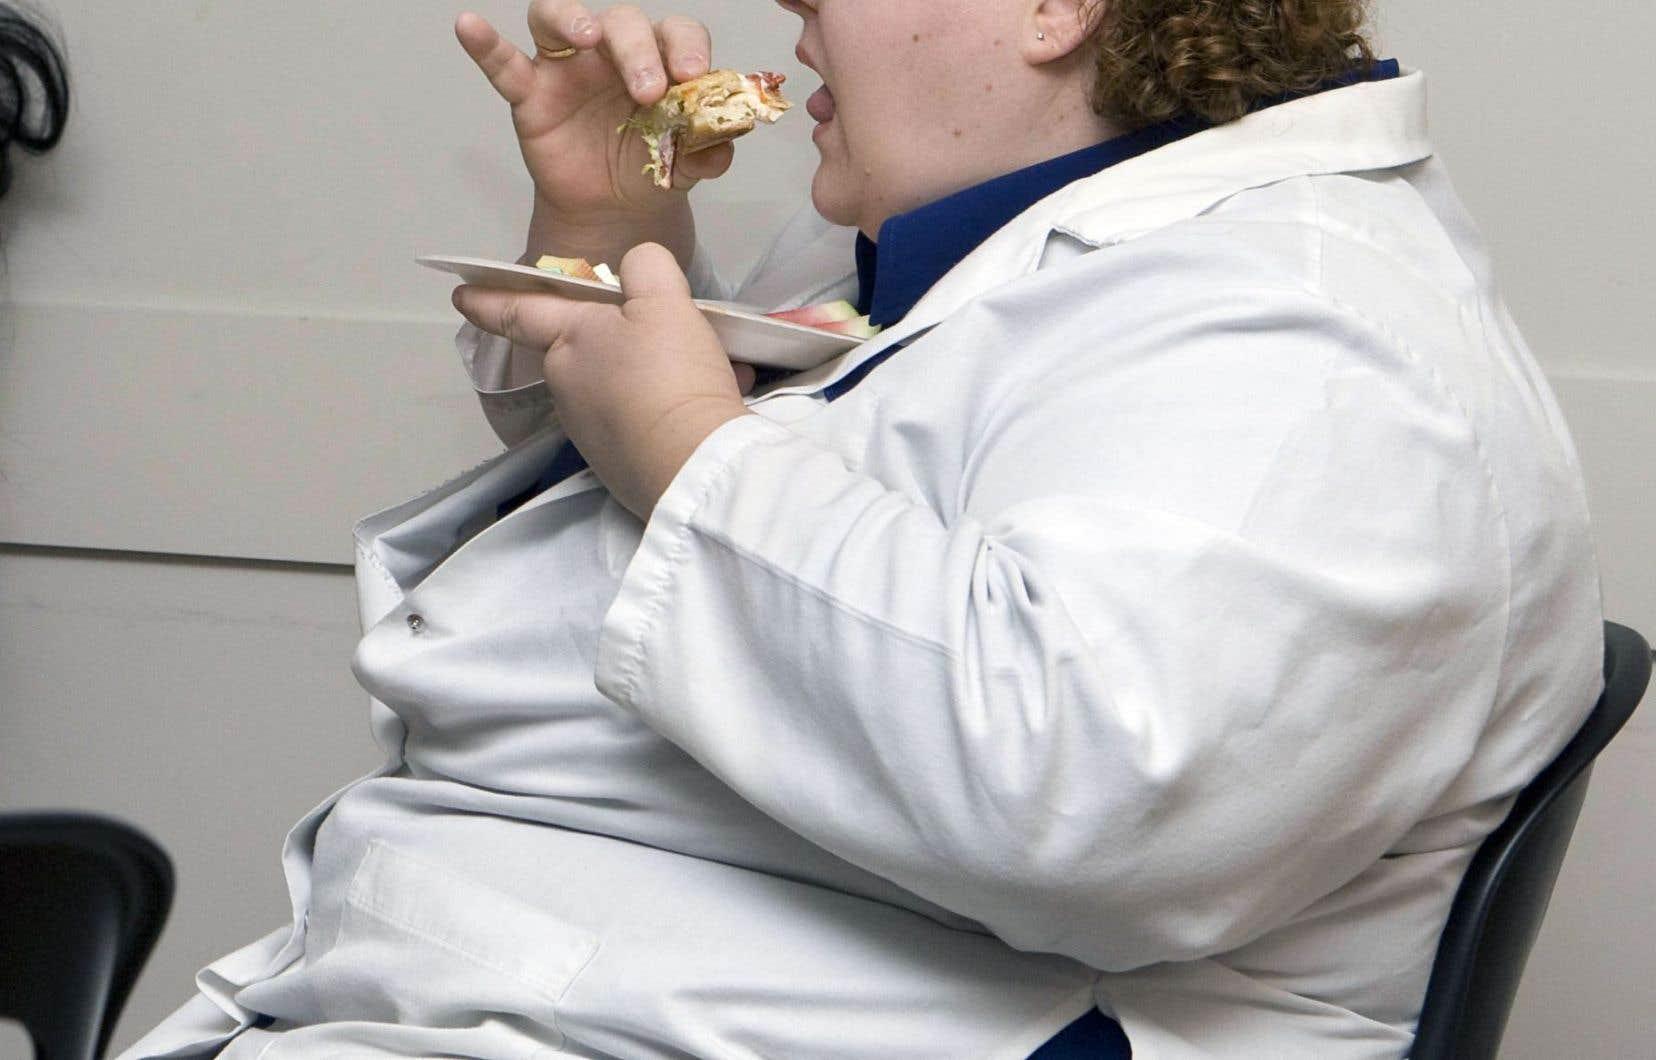 Le coût annuel en soins de santé et perte de productivité de l'obésité varie entre 4,6 milliards et 7,1 milliards de dollars.